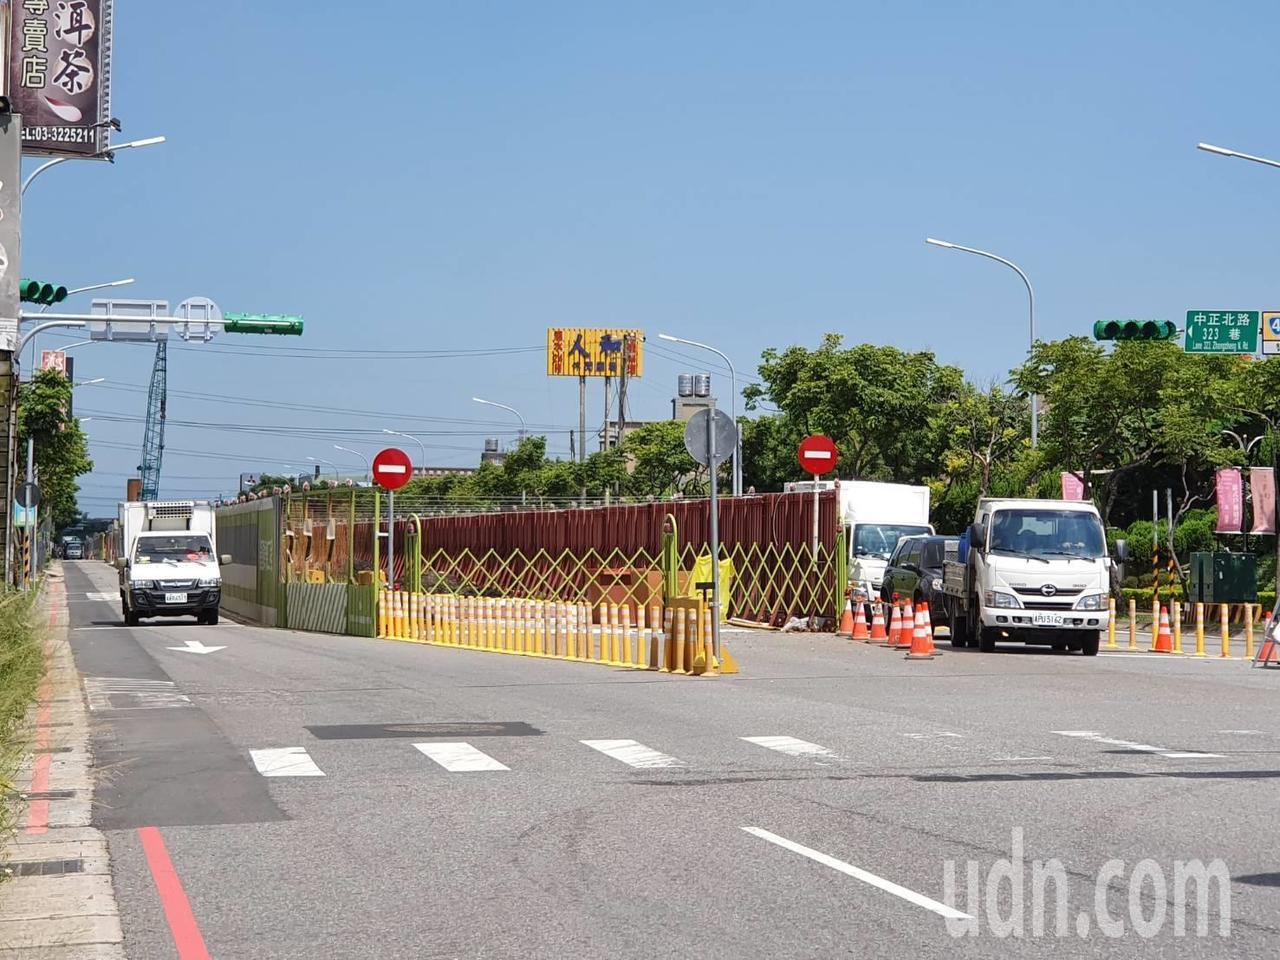 桃園市蘆竹區中正北路目前正在進行捷運綠線施作工程,由於施工場地佔據中間車道、架起...